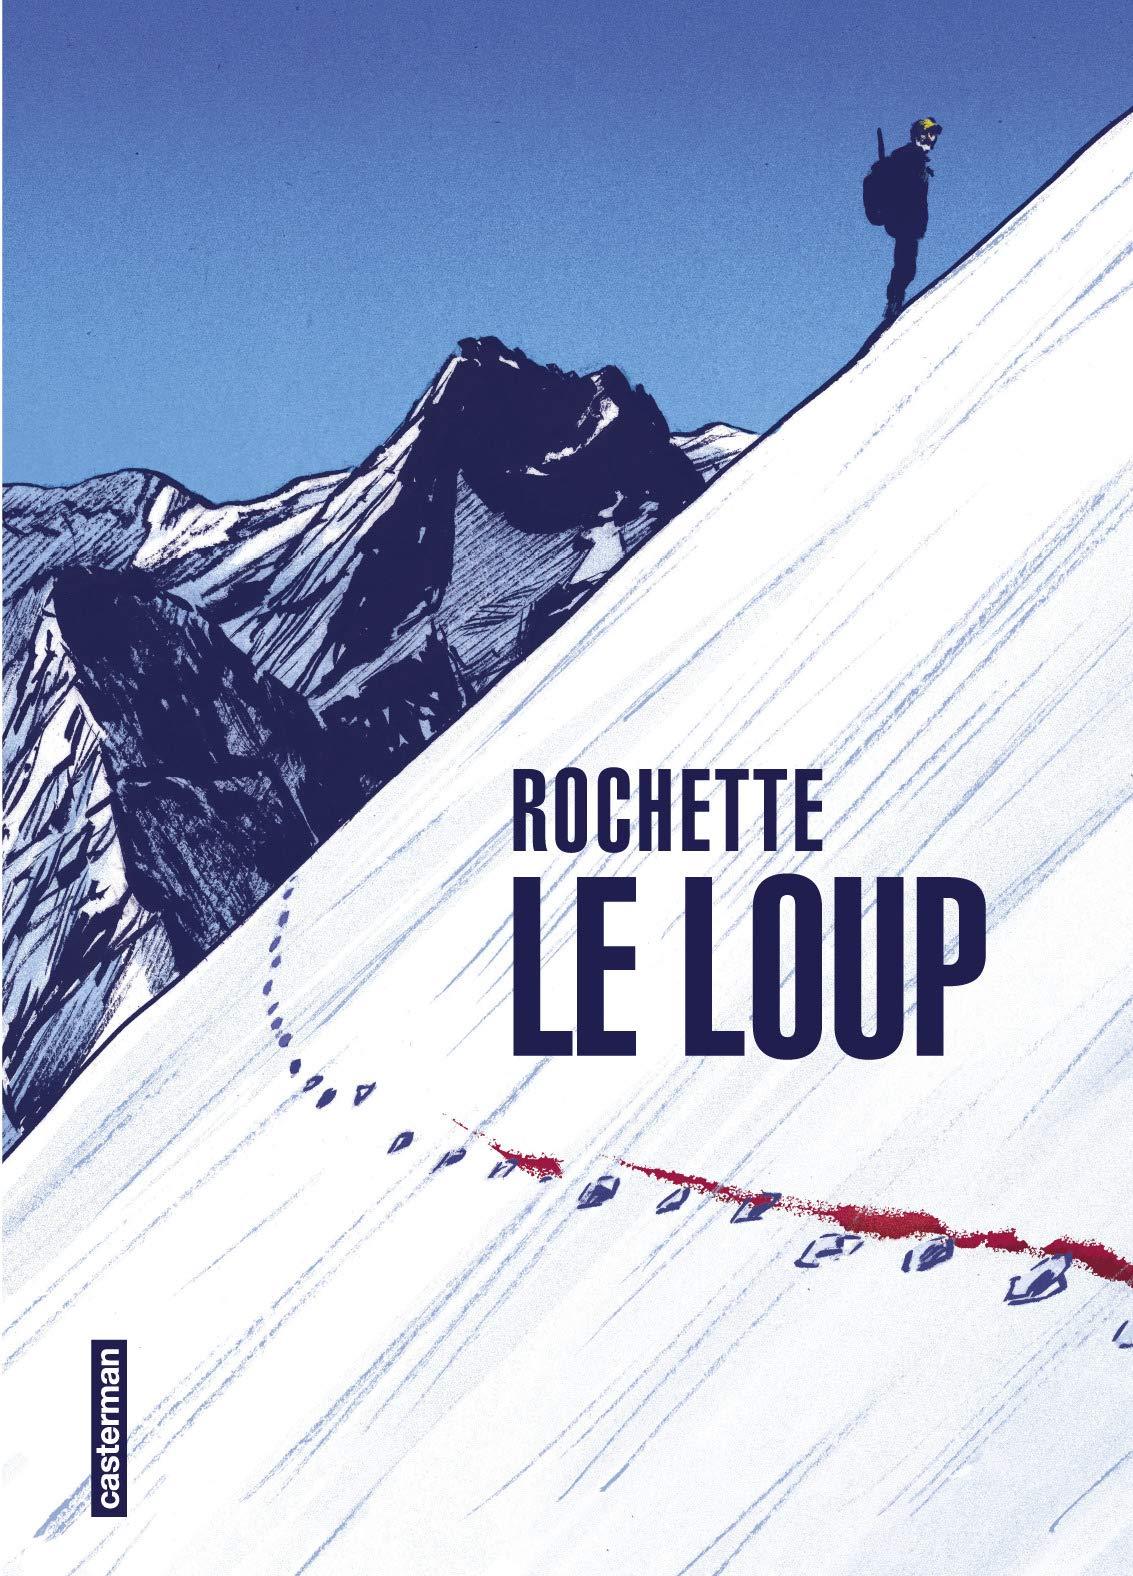 Le loup (Rochette) 1